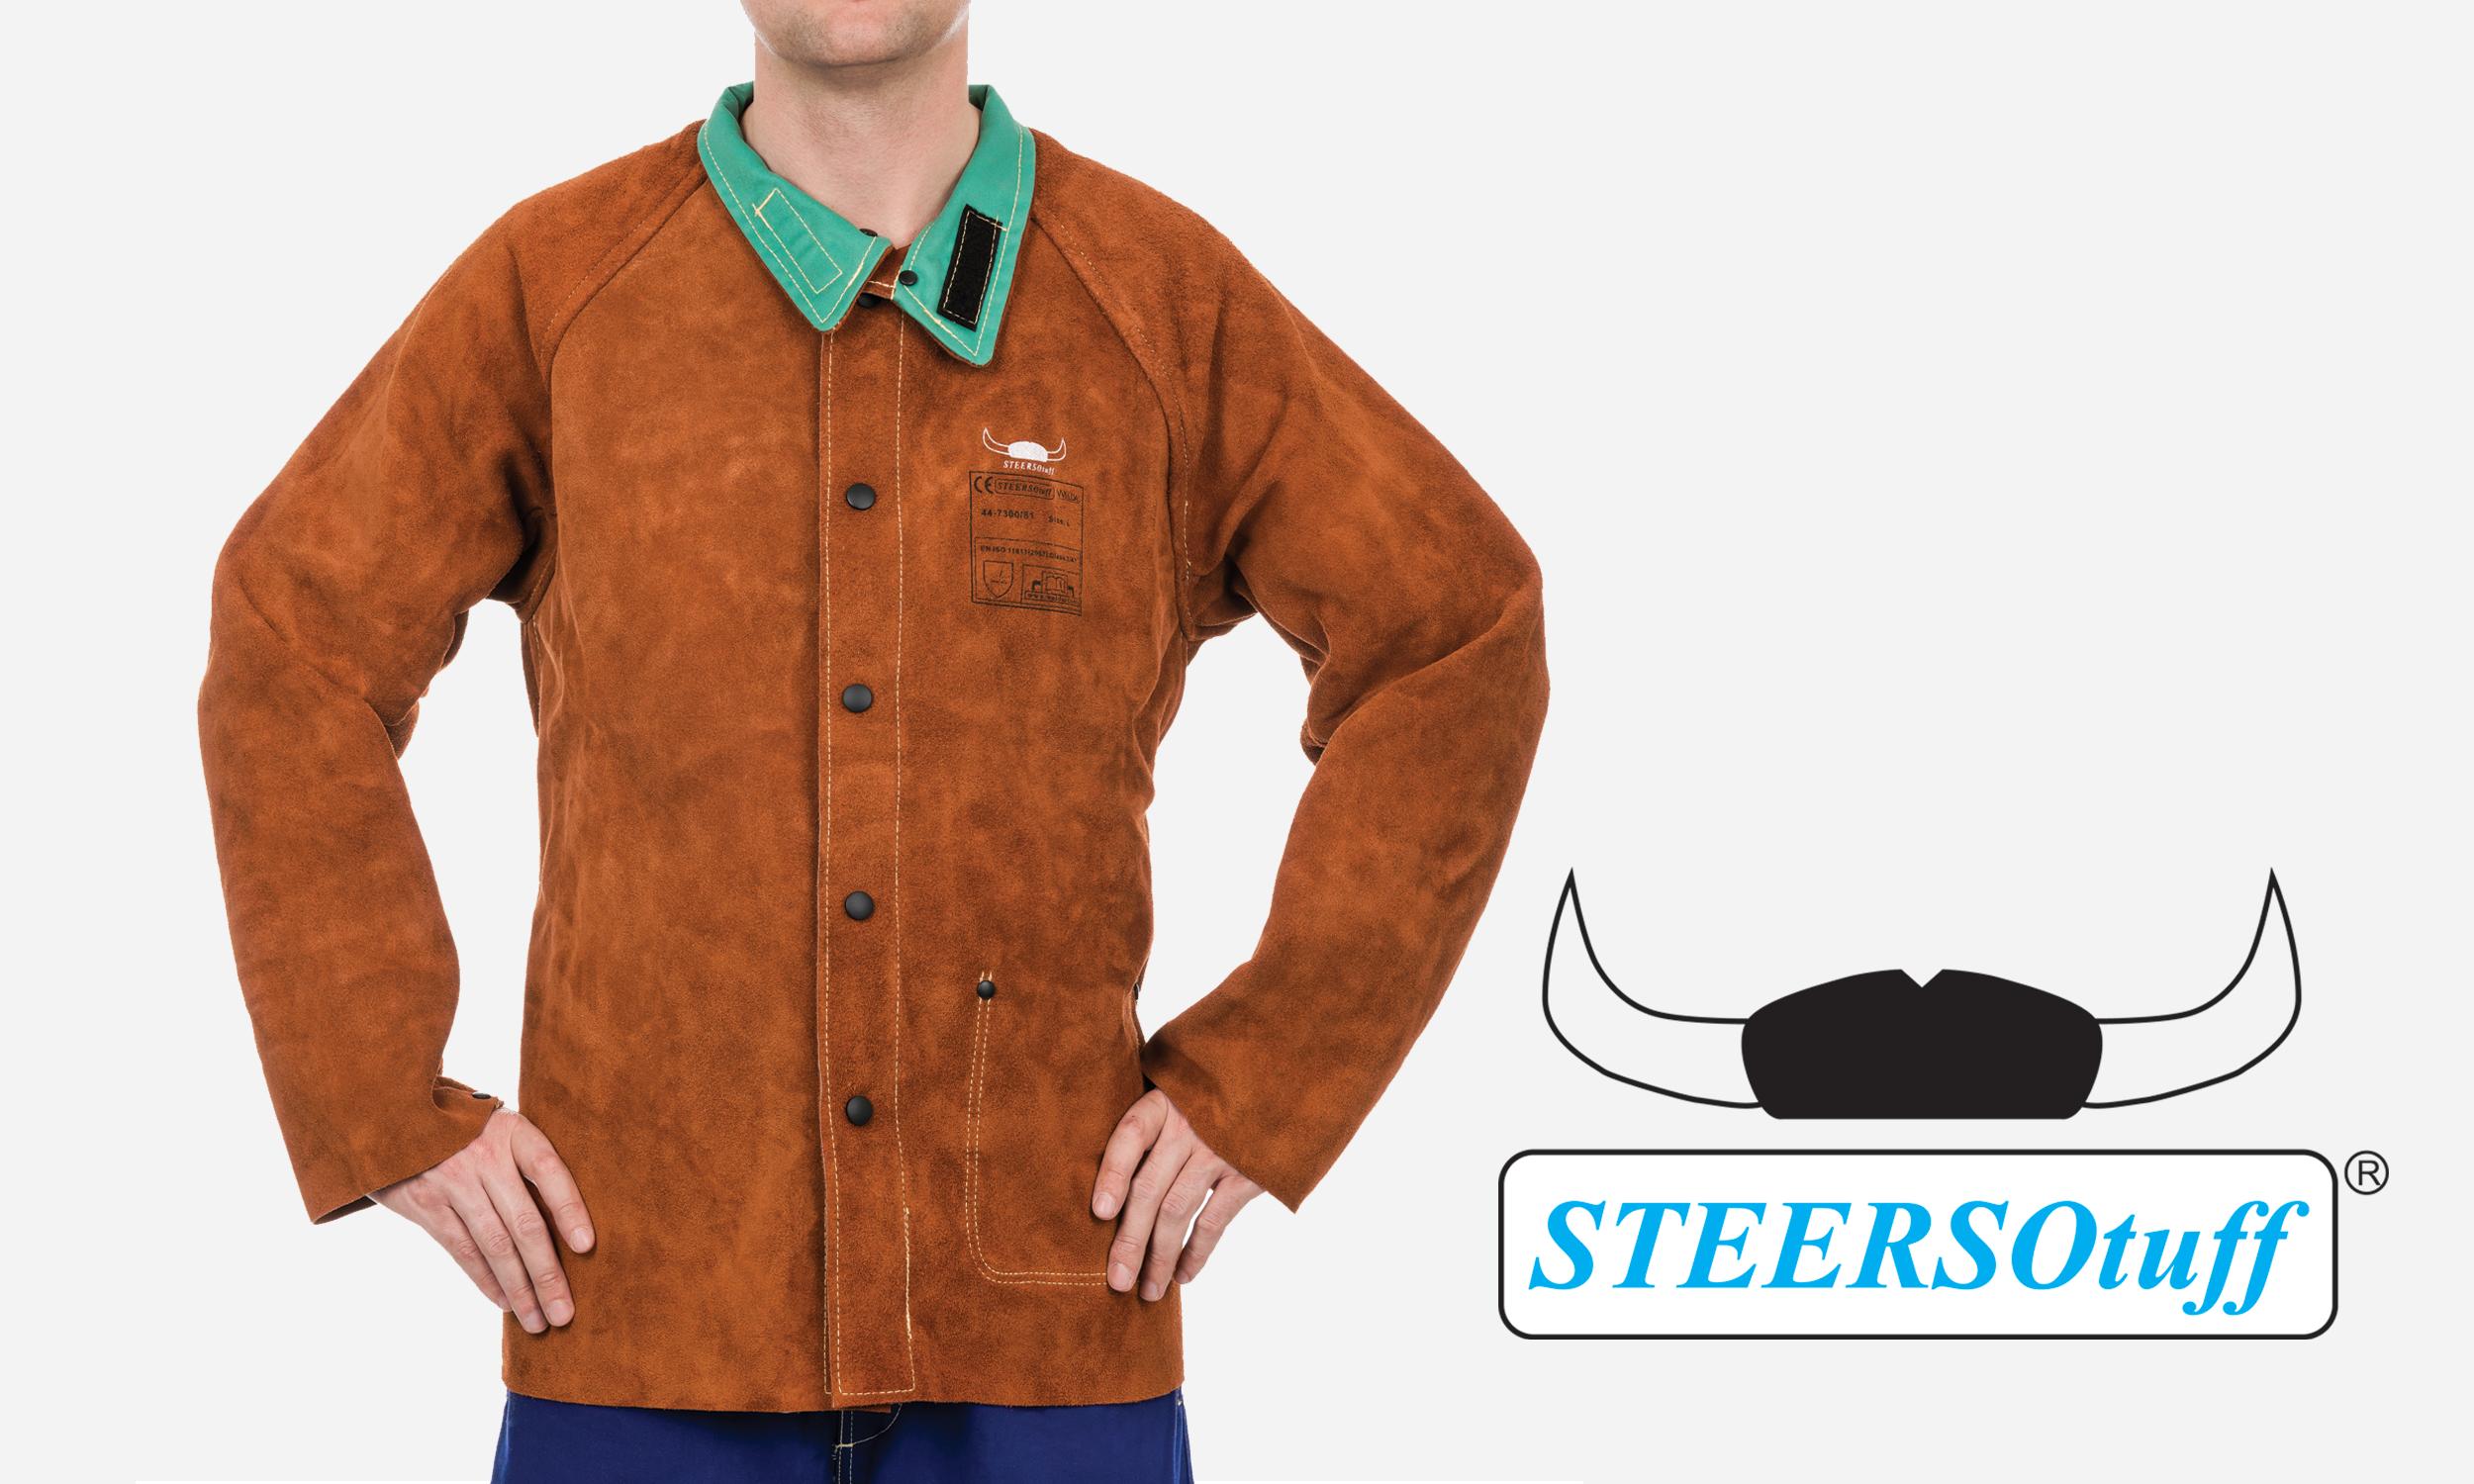 44-7300 STEERSOtuff Leather Jacket.png